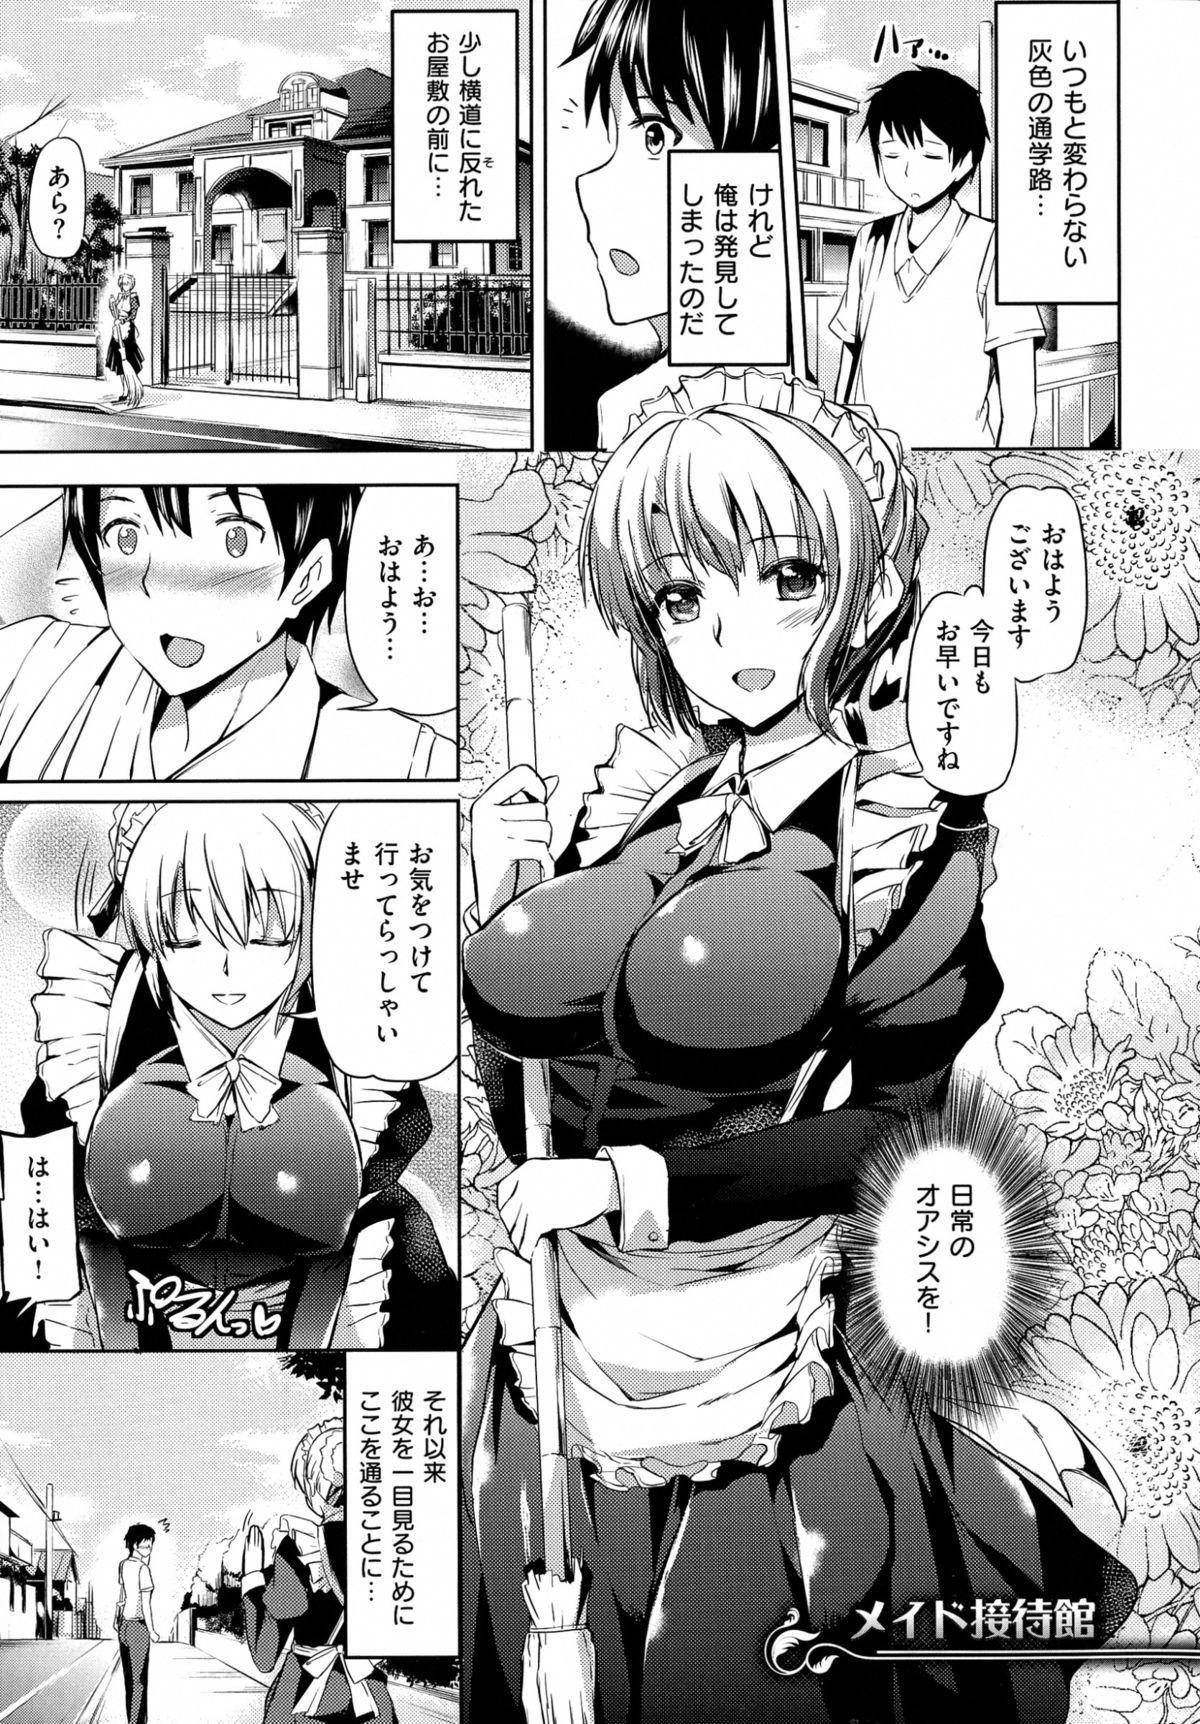 Ojou-sama no Maid Jijou 81